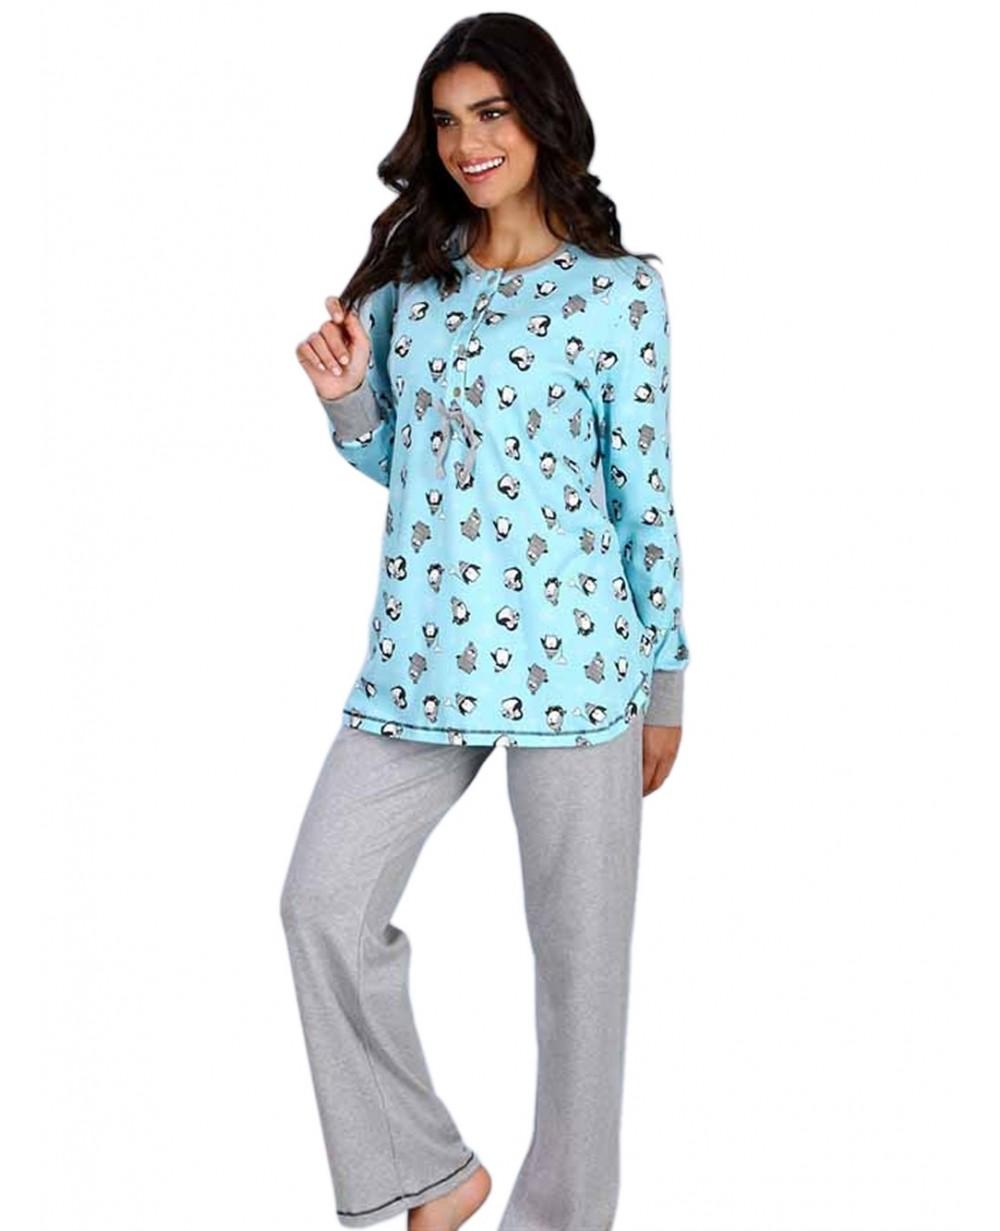 Πυτζάμα Γυναικεία Minerva Penguin - 100% Βαμβάκι Interlock - All ... 2451bcc8b87